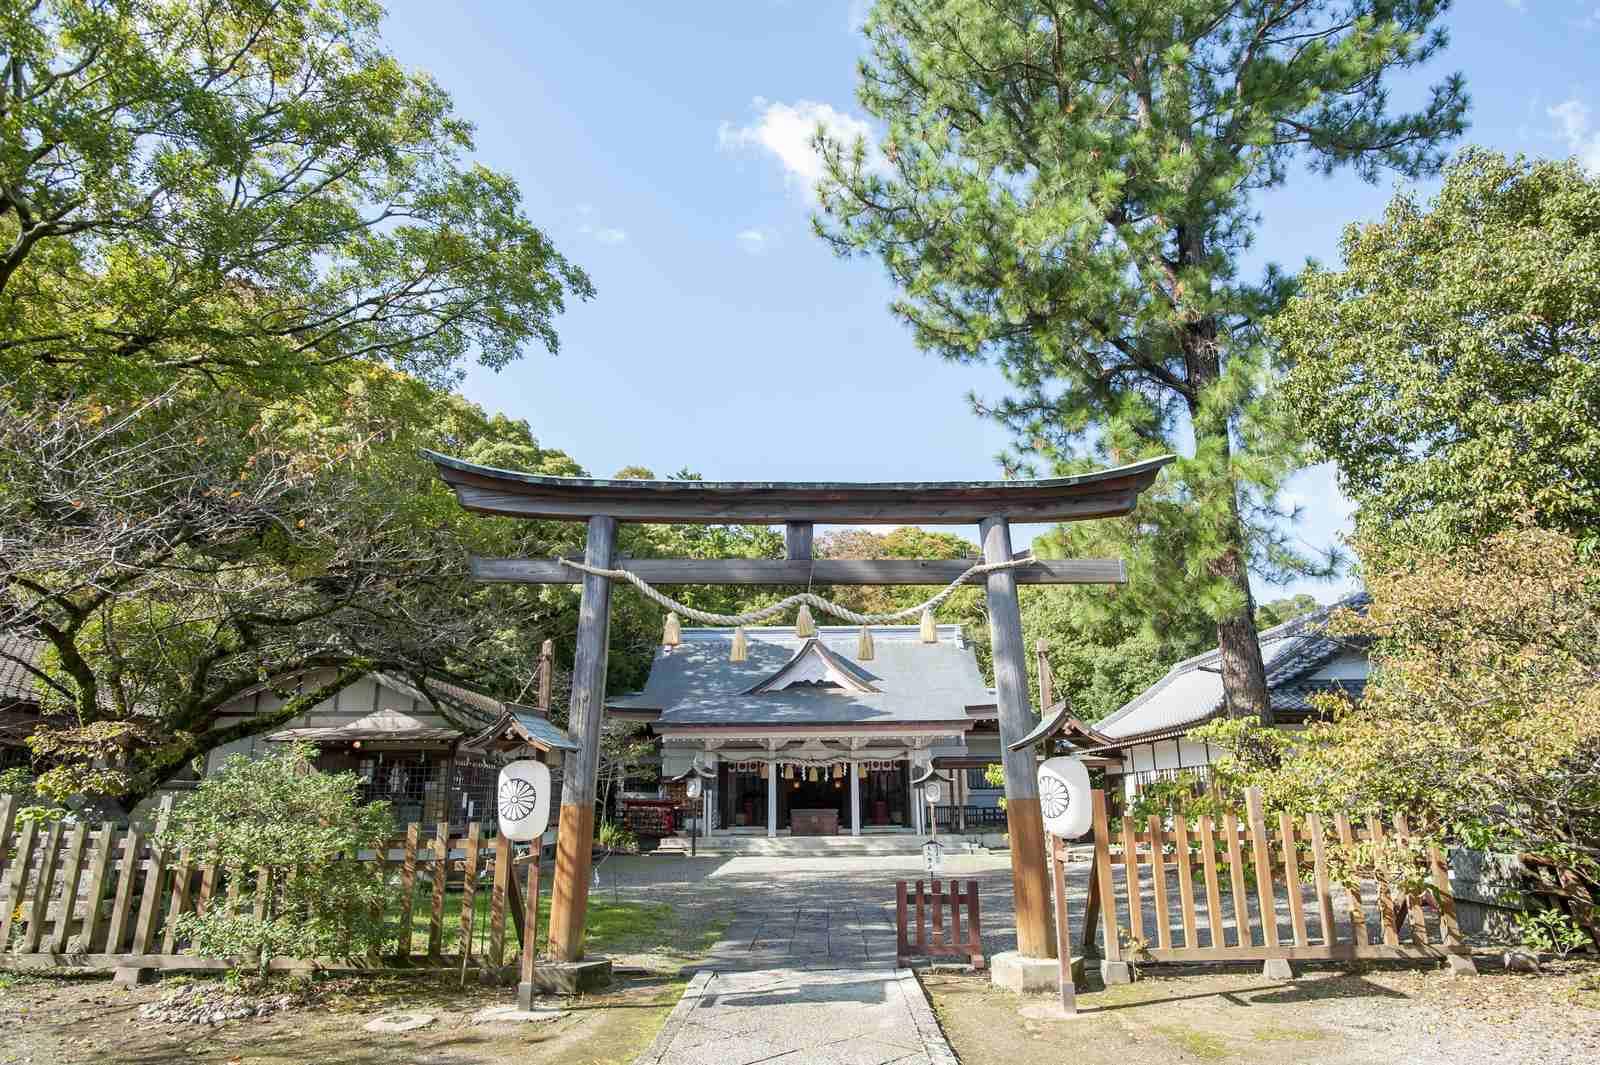 徳島市の結婚式場ブランアンジュで新郎新婦が披露宴を行う前に挙式をした忌部神社